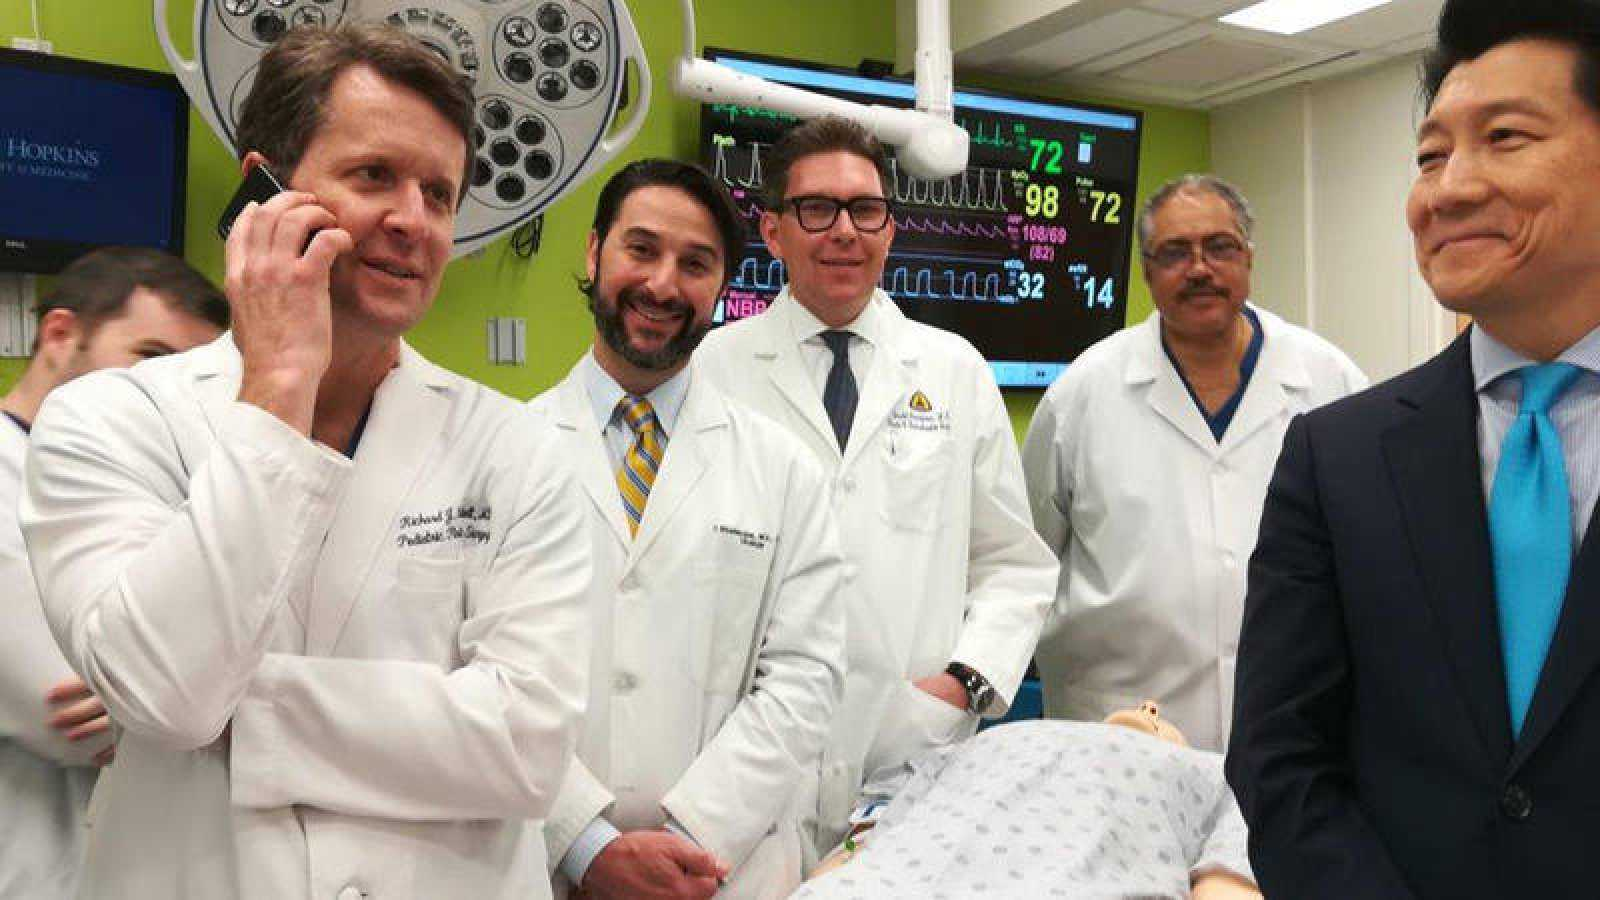 Imagen del equipo médico de la Universidad Johns Hopkins que ha realizado el primer trasplante de pene y escroto.